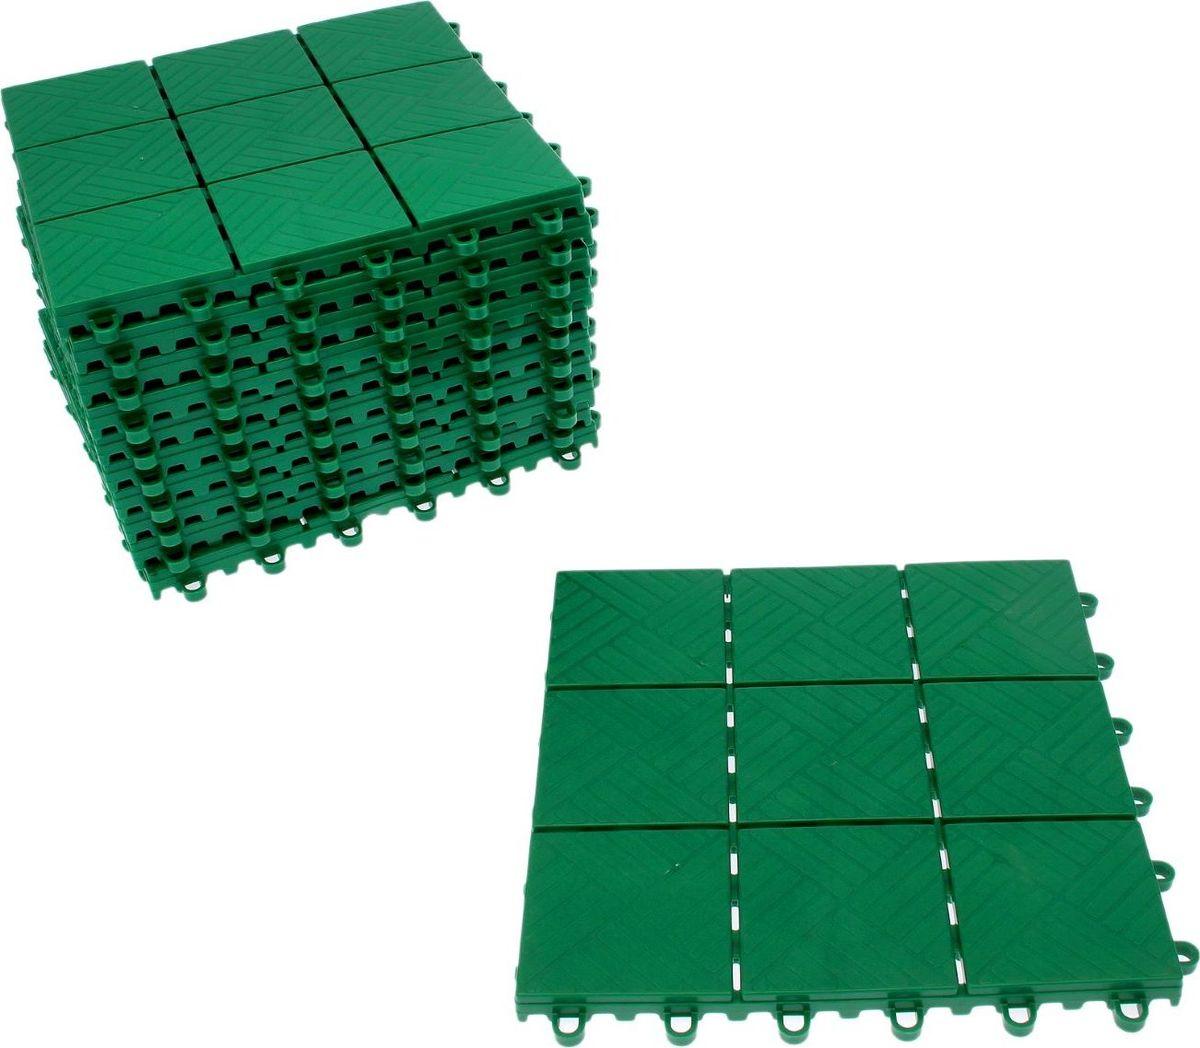 Плитка садовая, цвет: зеленый, 30 х 30 см, 11 шт2152316Плитка садовая выполнена из качественного пластика. Изделие отличается прочностью, износостойкостью и практичностью. Предназначено для укладки садовых дорожек. Размер: 30 х 30 см. В комплекте 11 плиток.